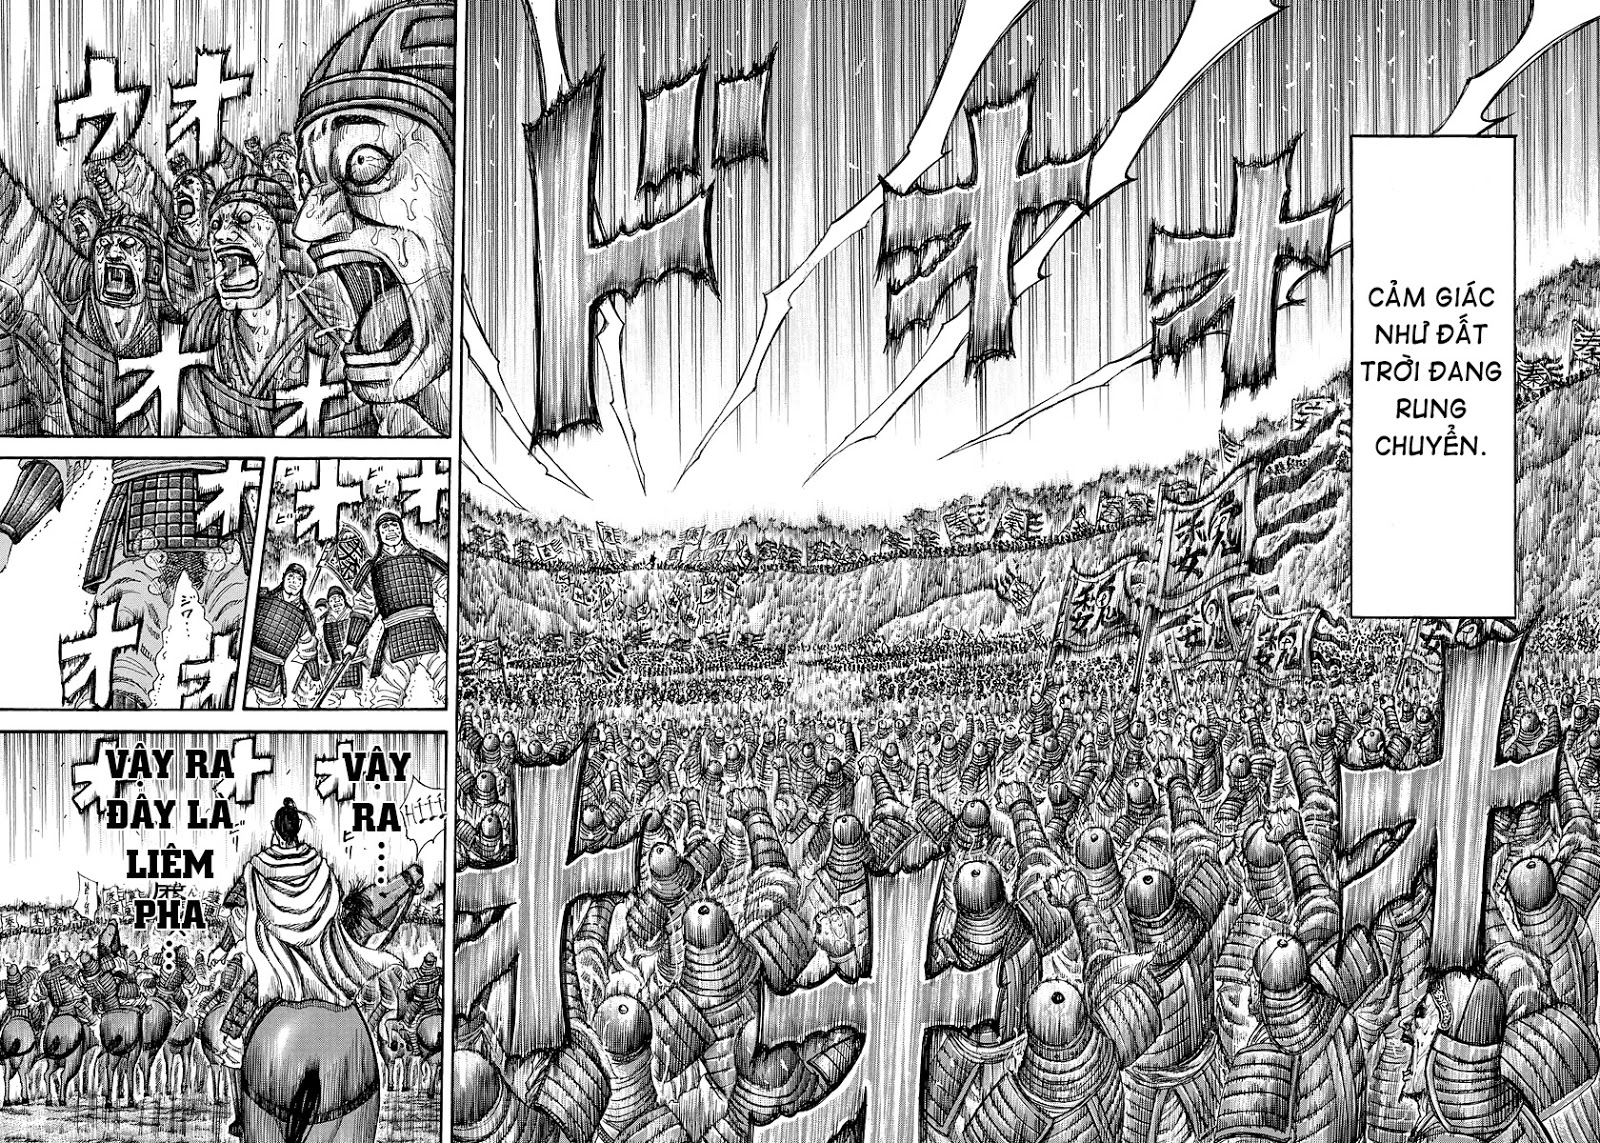 Kingdom – Vương Giả Thiên Hạ (Tổng Hợp) chap 221 page 18 - IZTruyenTranh.com